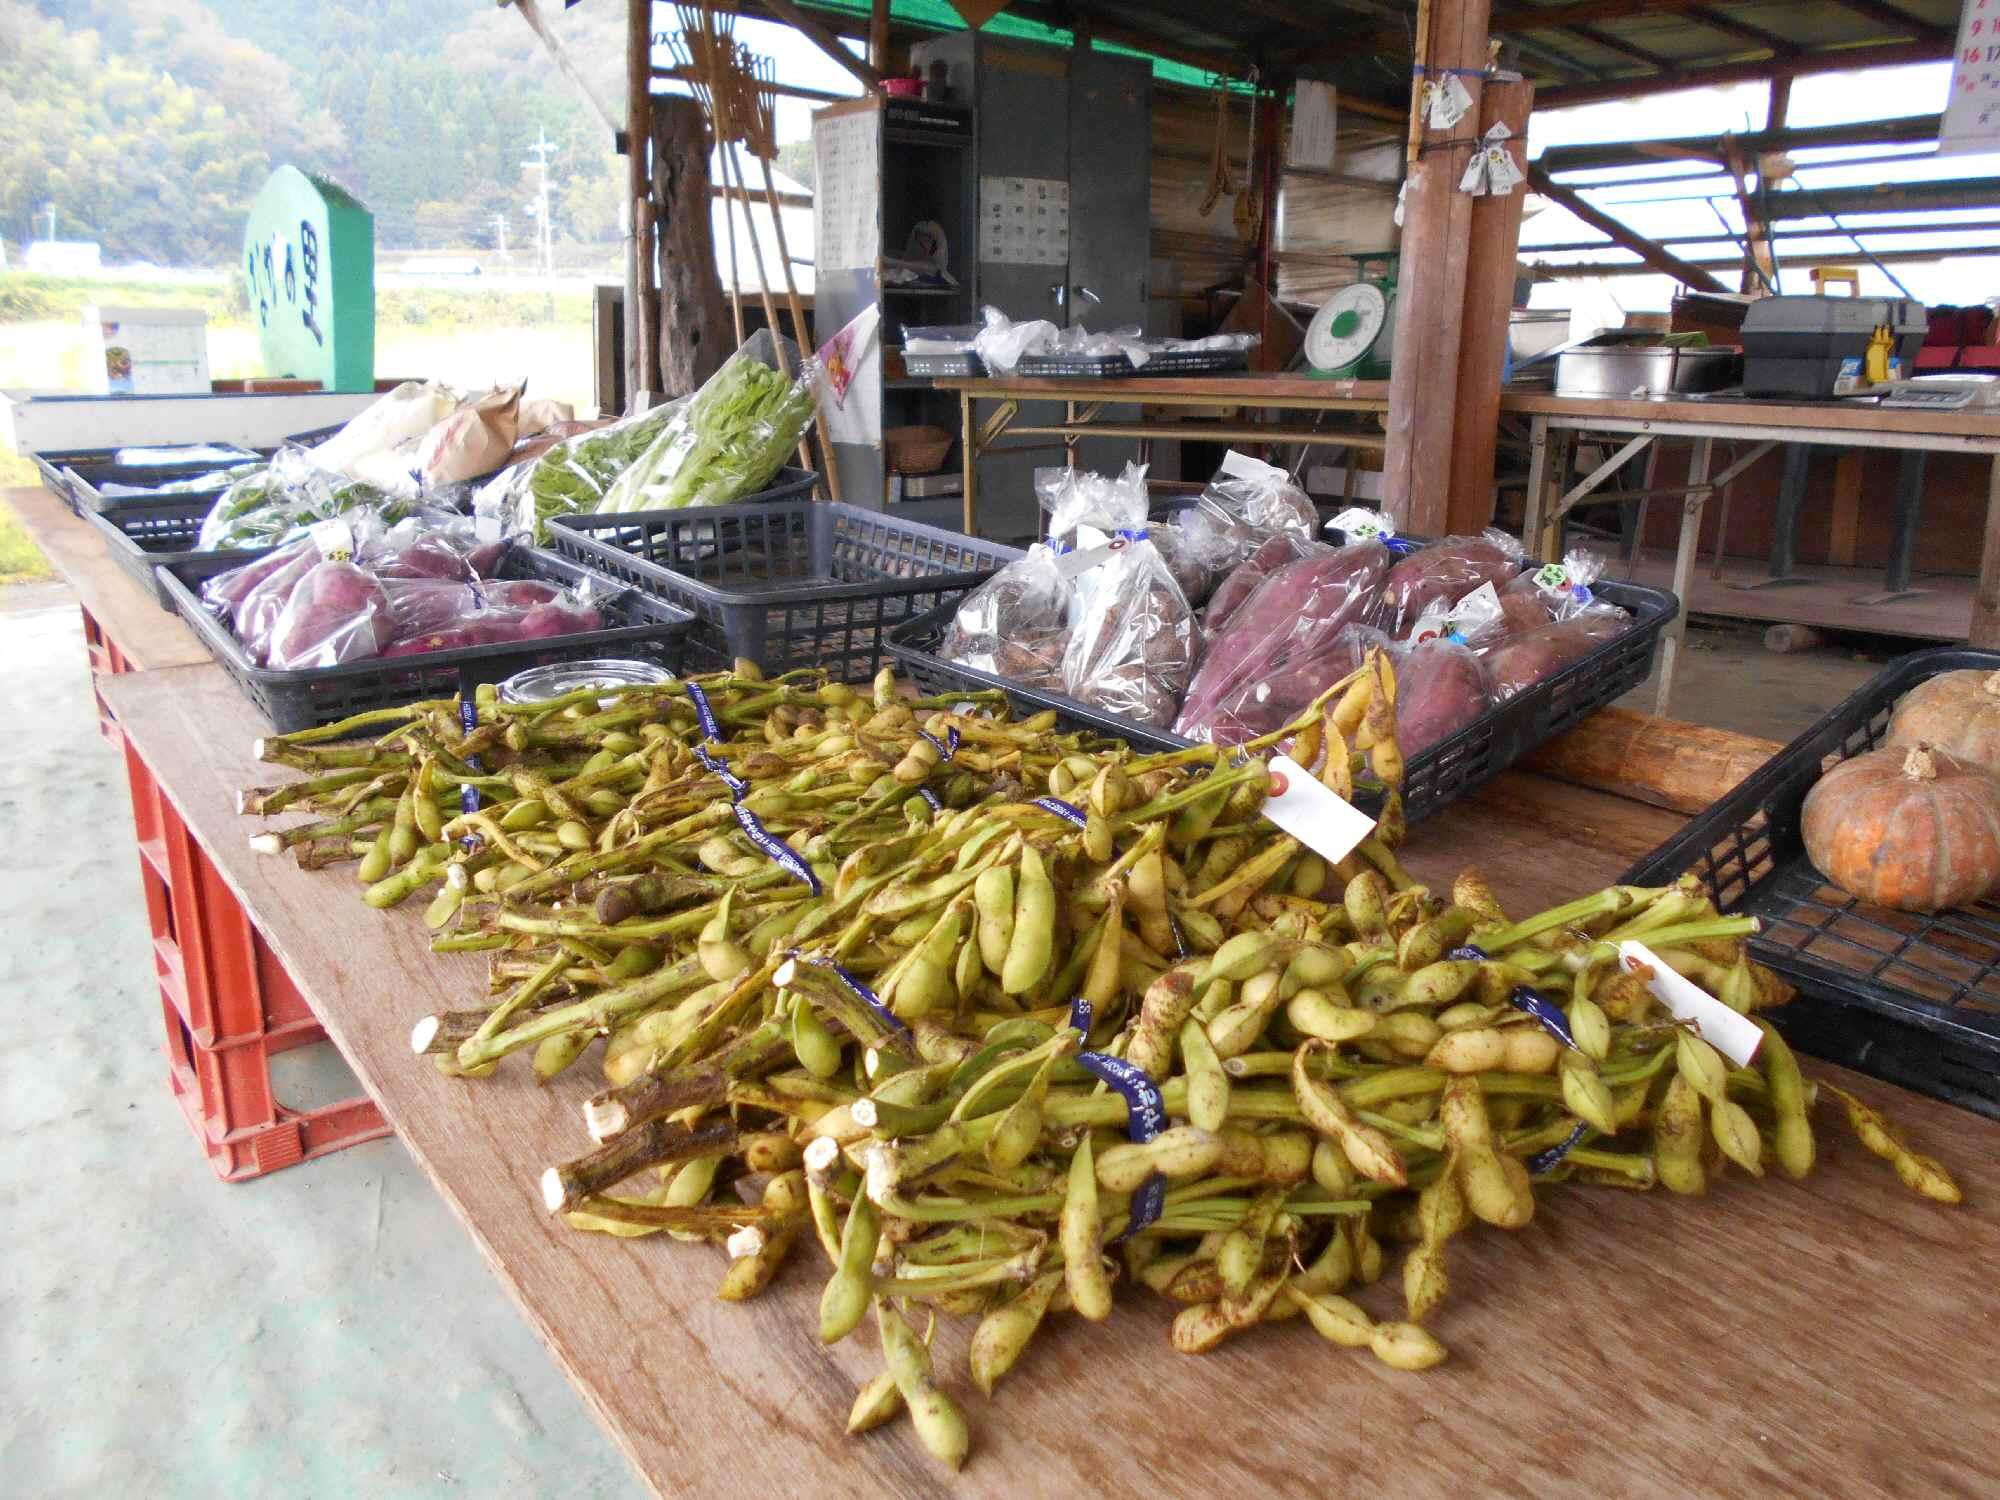 朝市「なかの里」での最後の枝豆販売(29日)